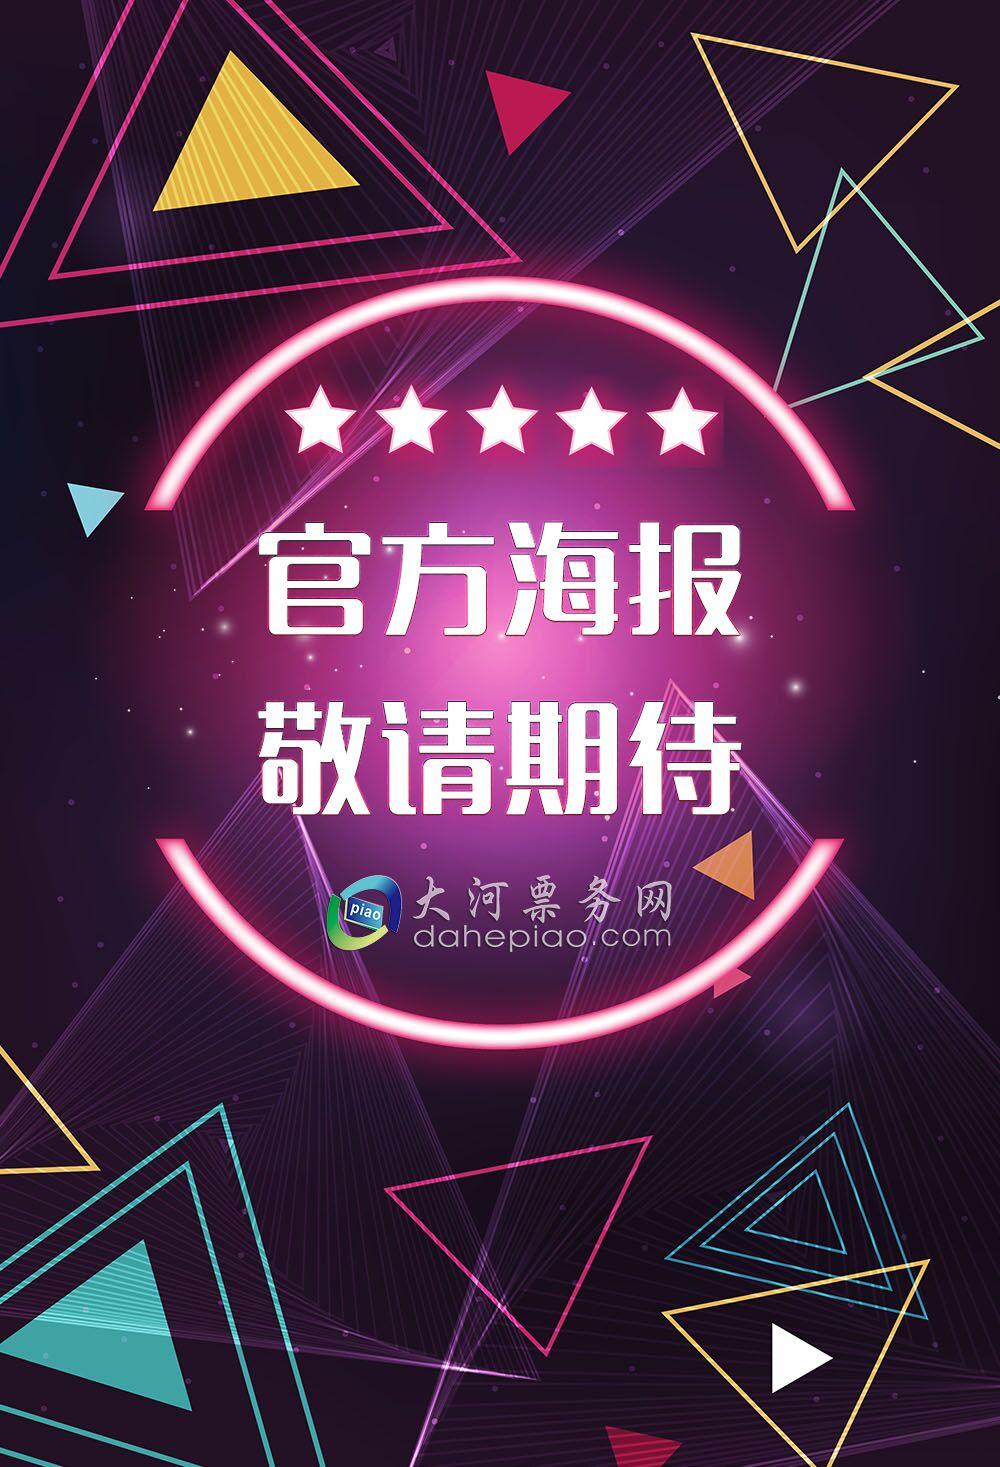 邯郸WEM国际电子音乐节